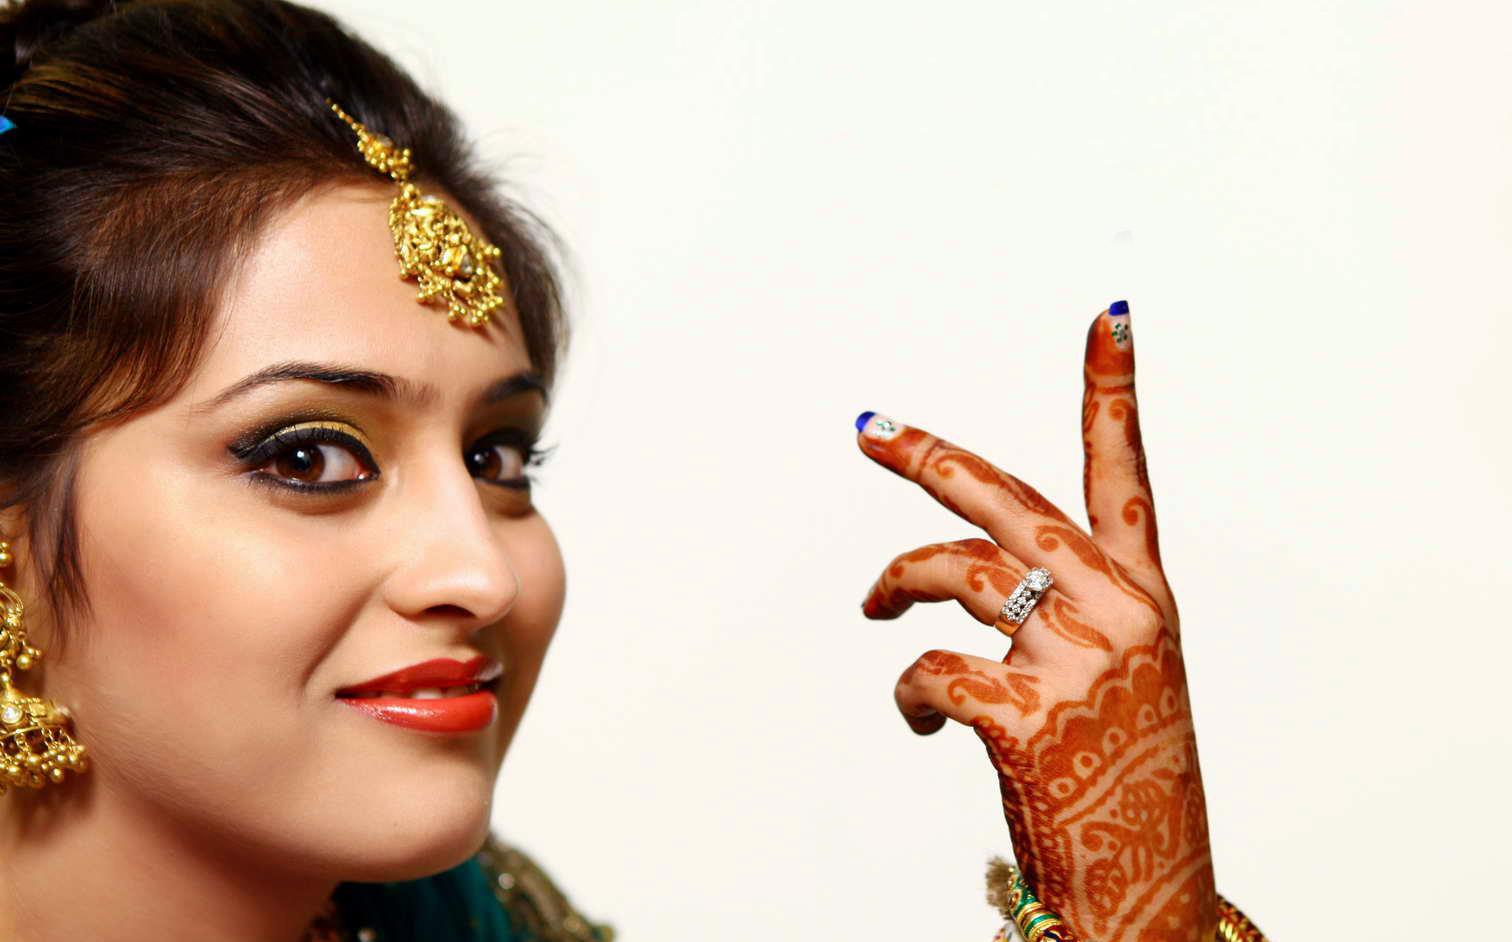 Madam Noorjahan - mazhar.dk - An infotainment